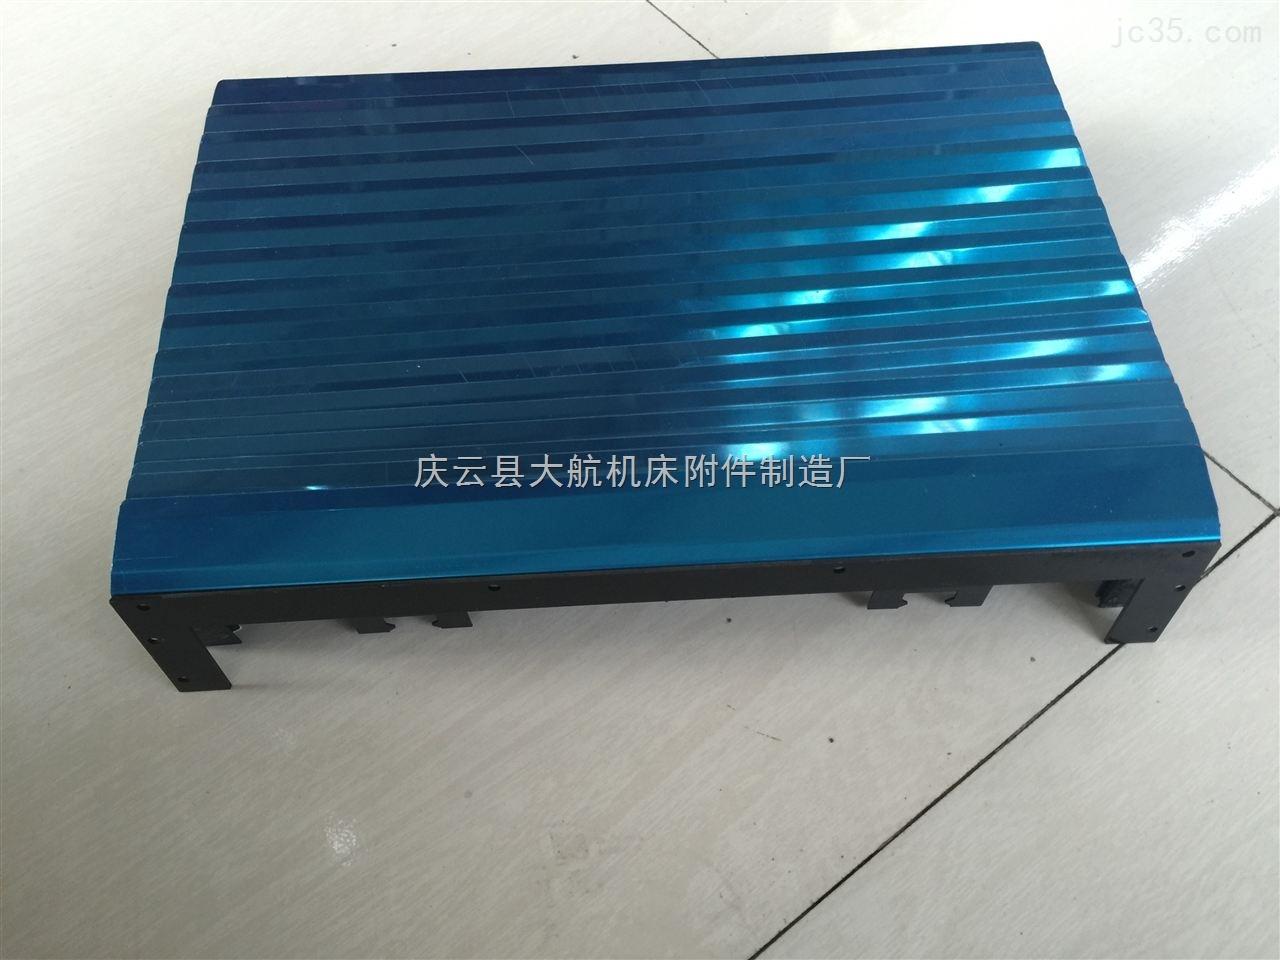 天津盔甲风琴式防护罩